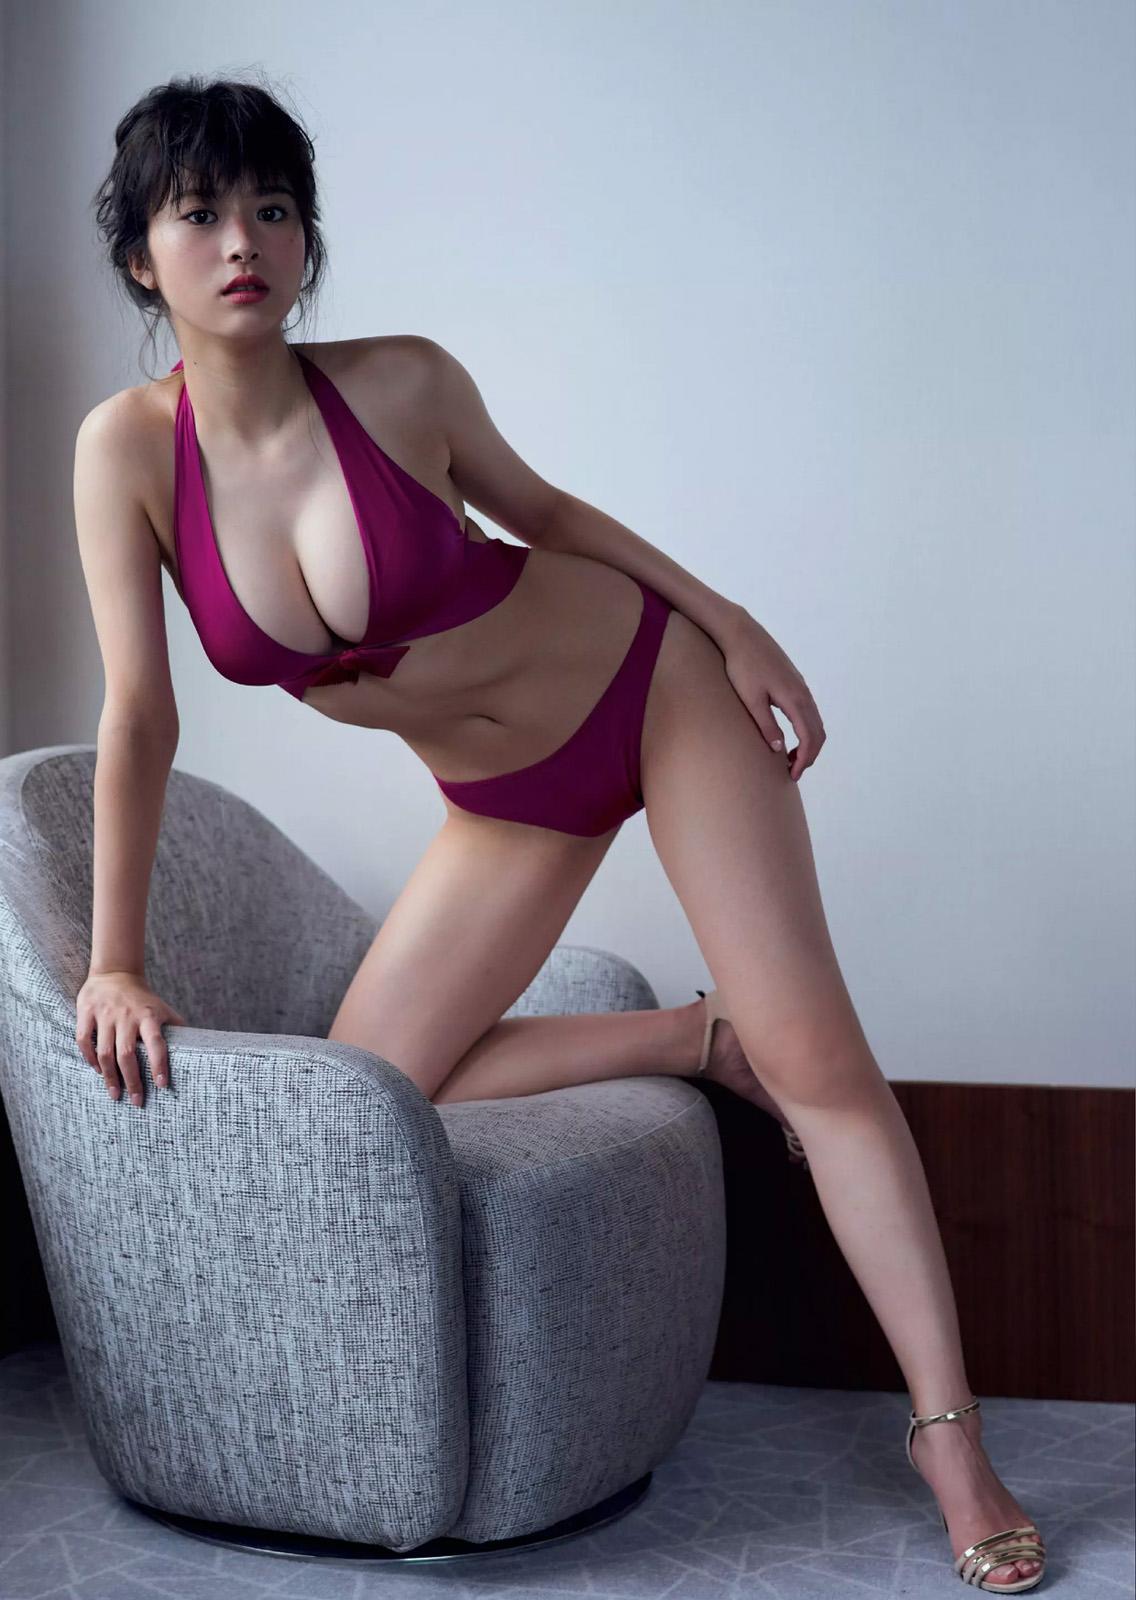 image http://scanlover.com/assets/images/414-9m2DapZHyDgrGwU7.jpeg